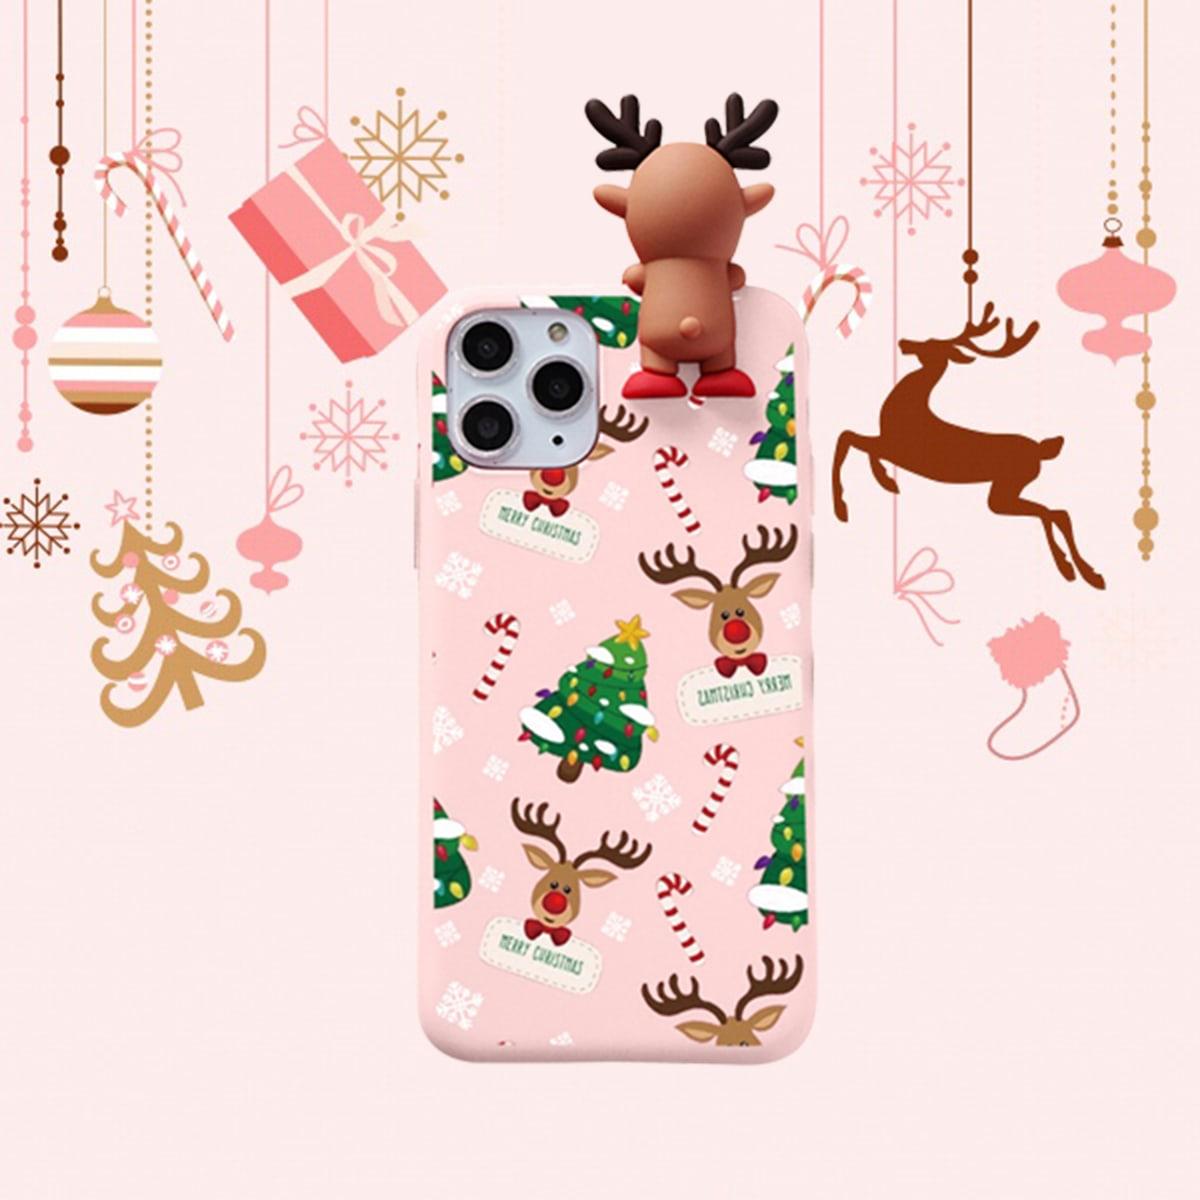 Handy Etui mit Weihnachten Muster und Elch Dekor